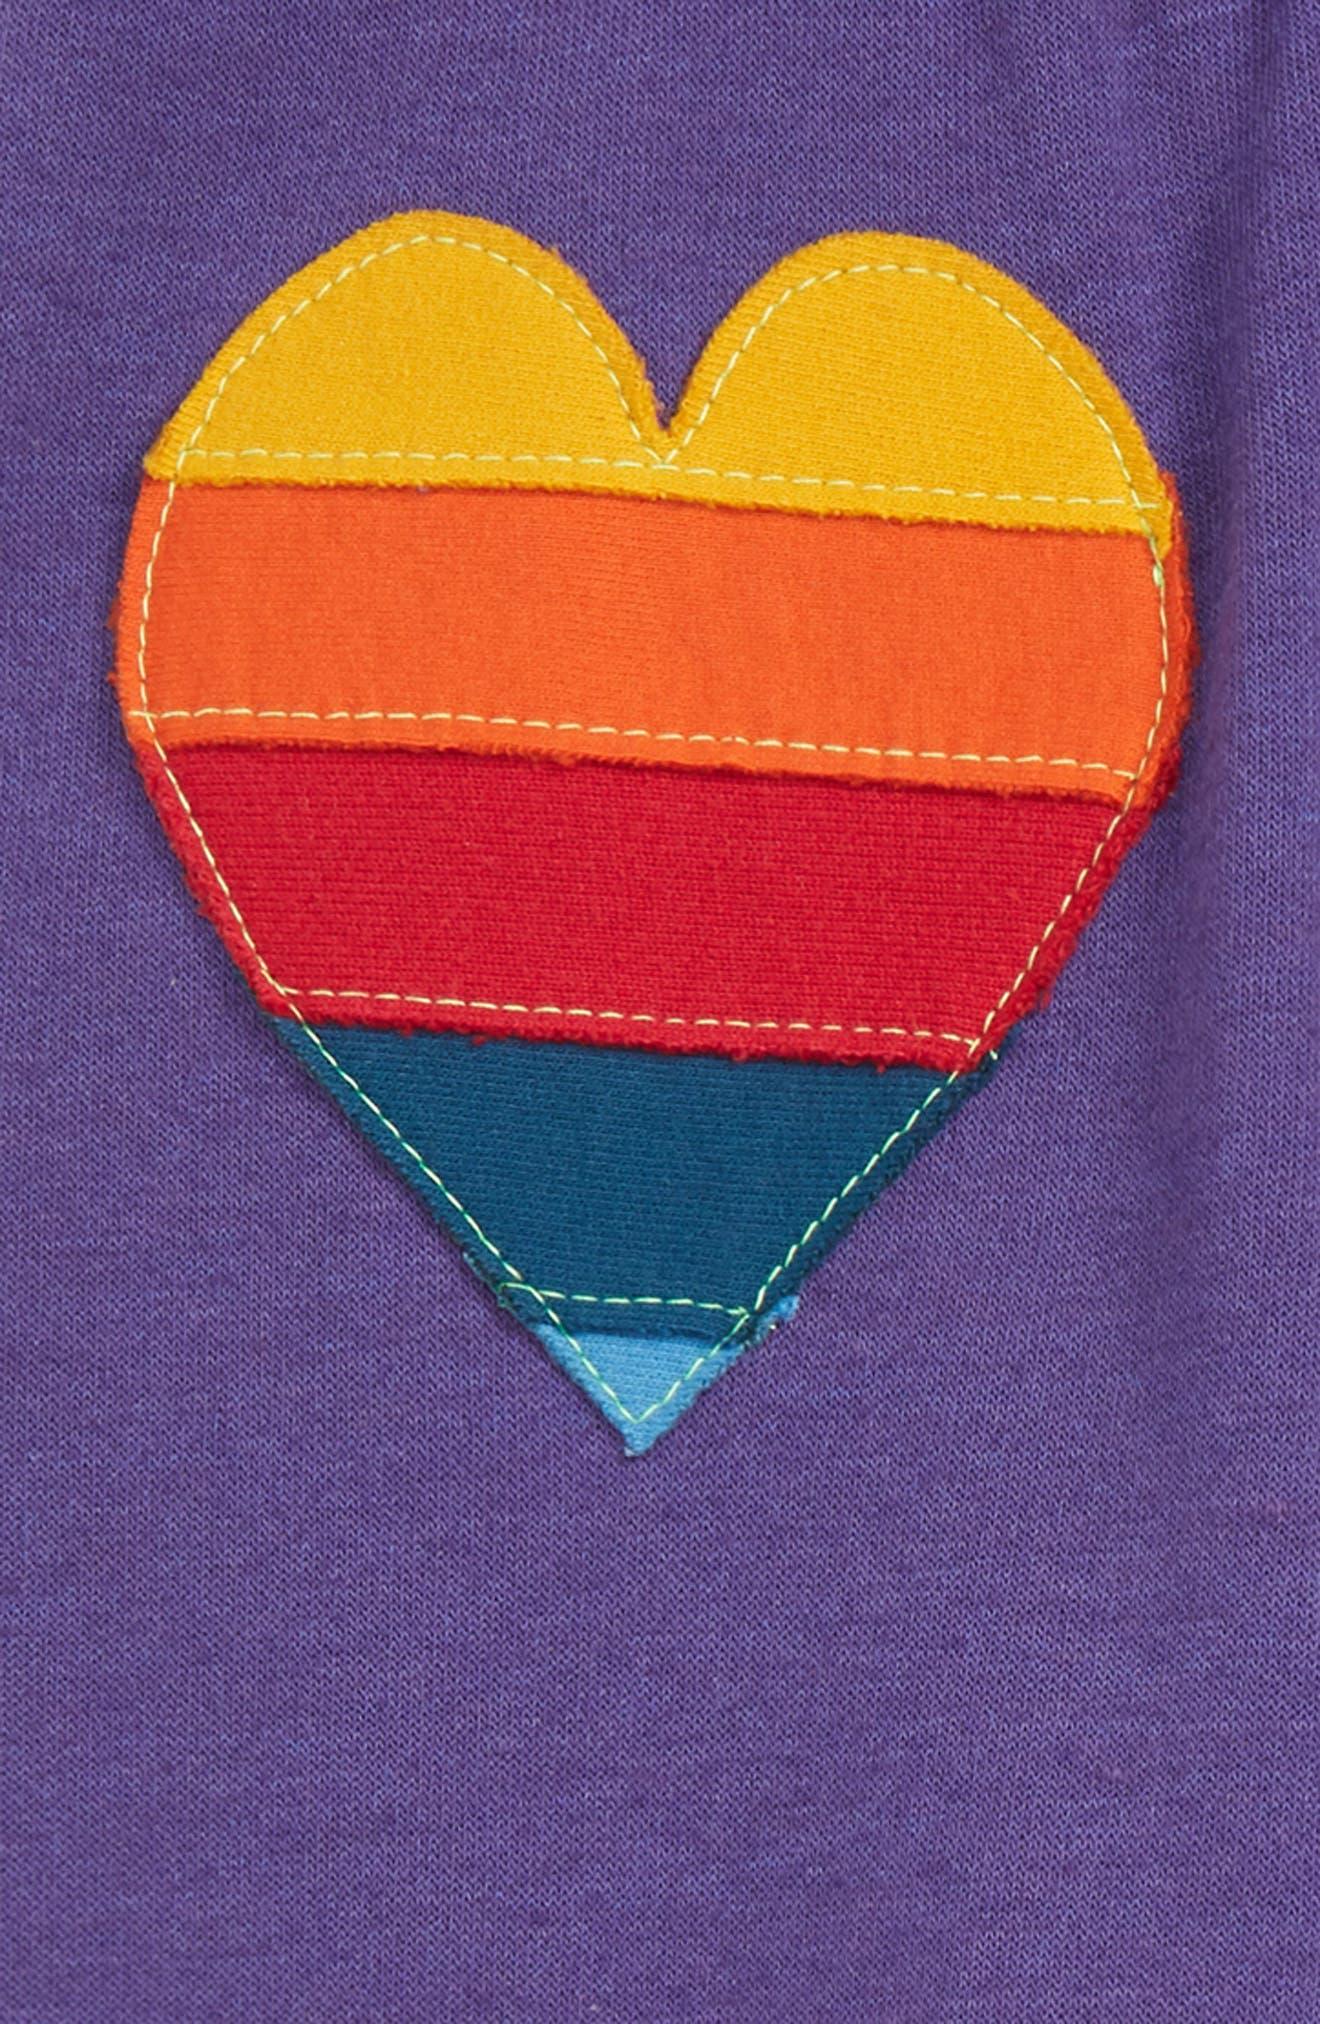 Heart Patch Sweatpants,                             Alternate thumbnail 2, color,                             PURPLE